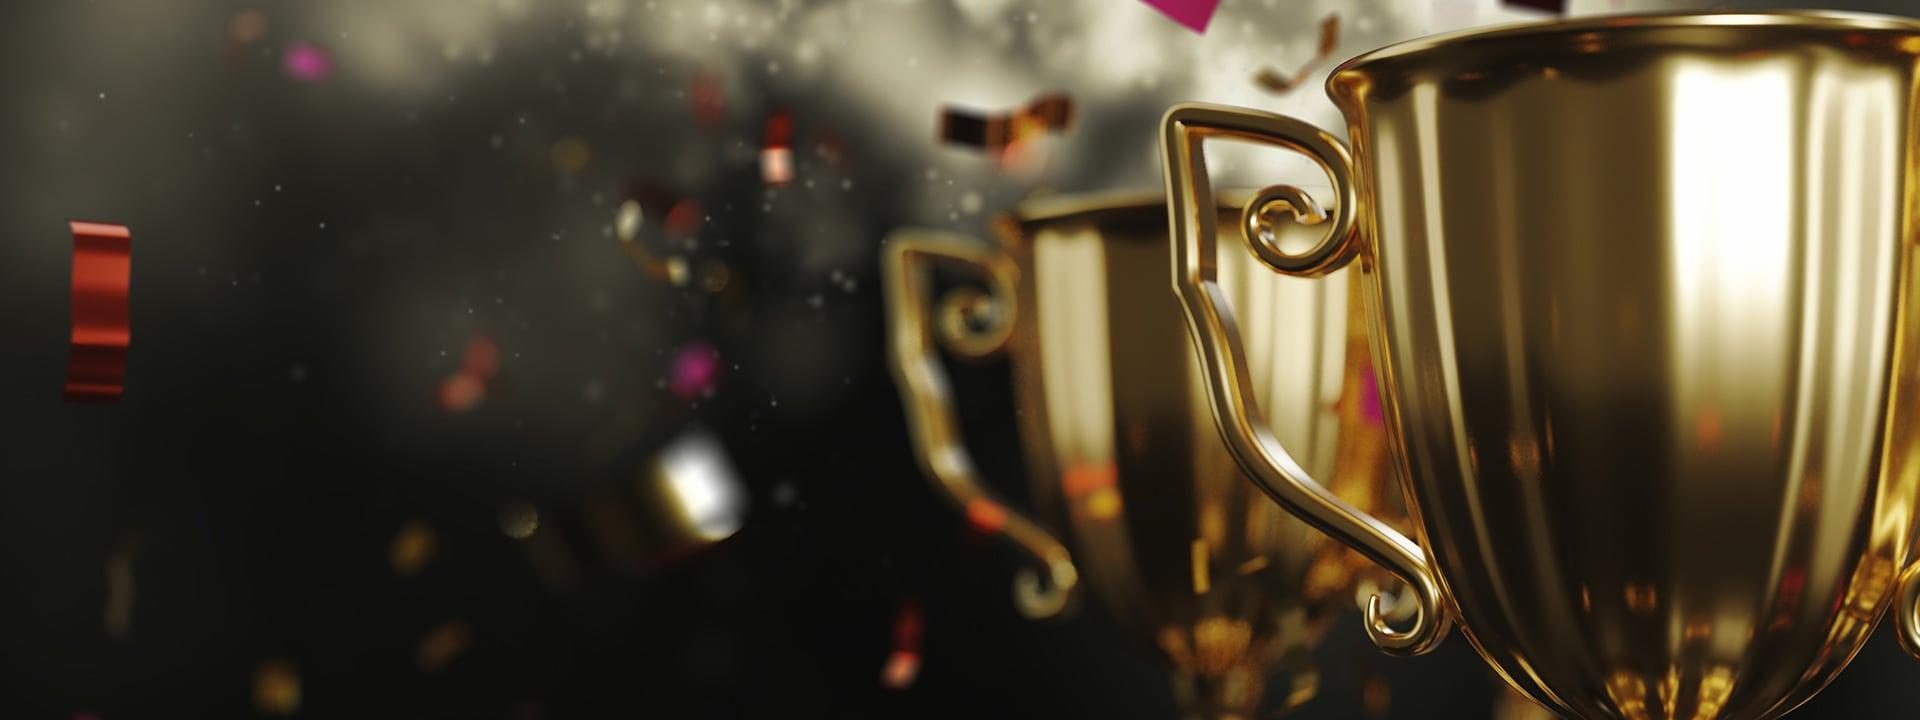 DataRobot Contagion net Award Blog image BG v.1.2